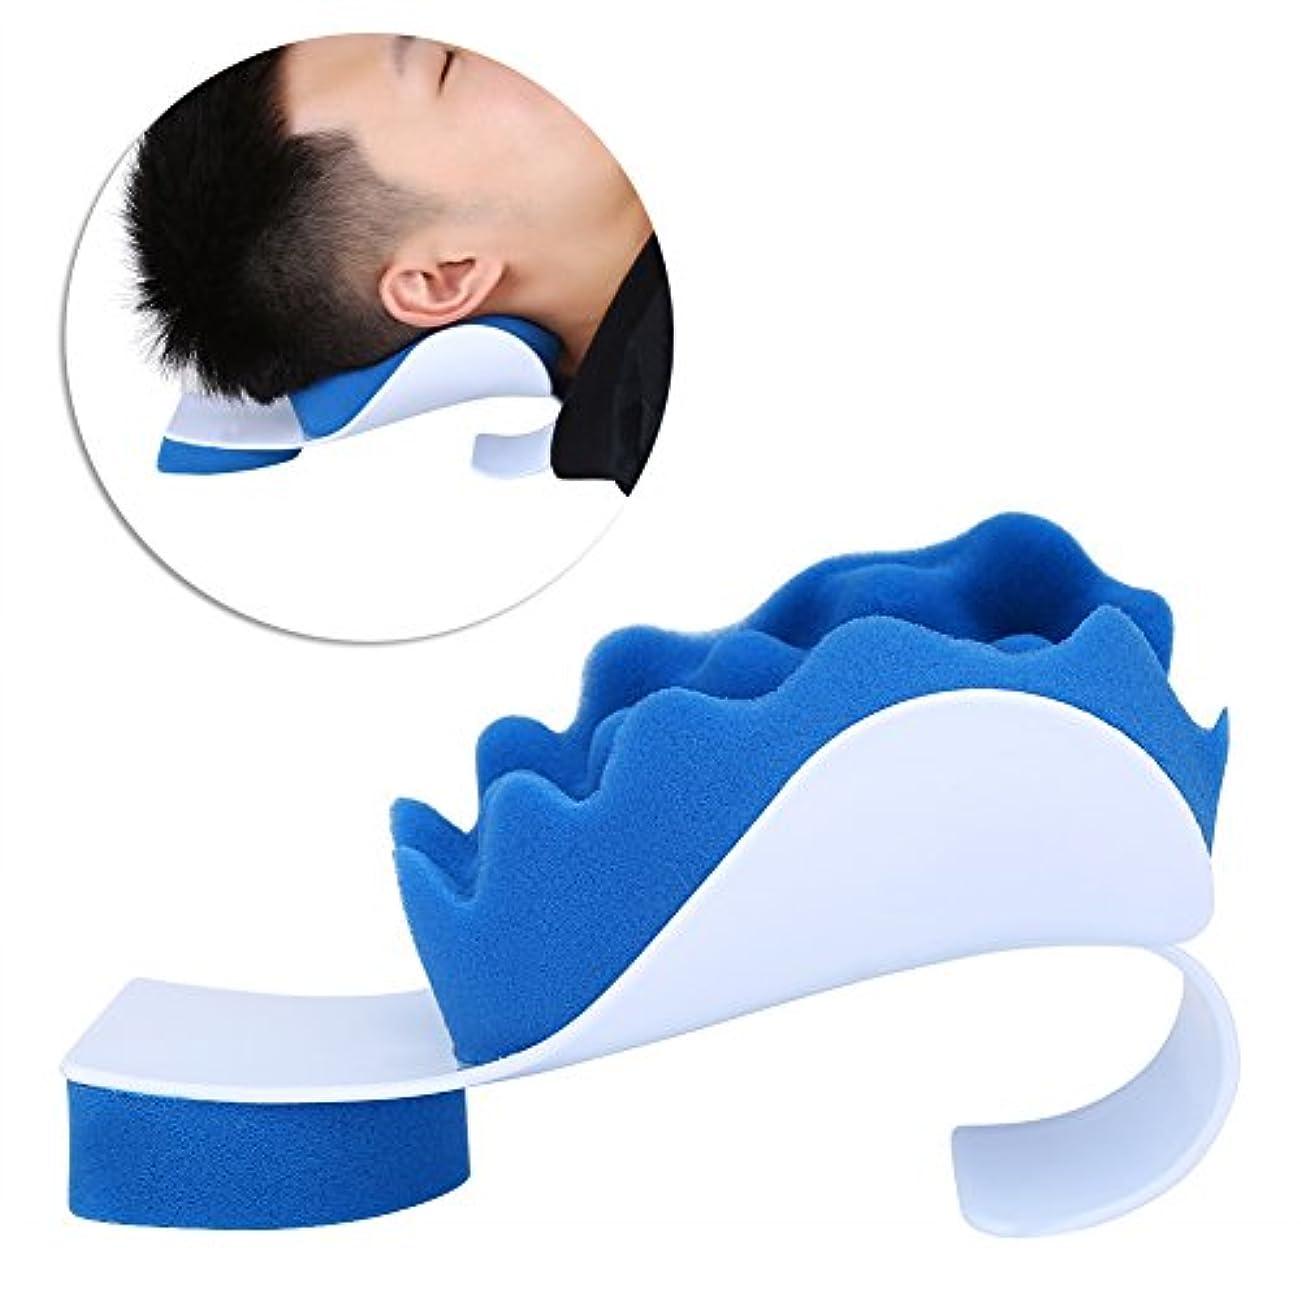 ほとんどない肉貫入マッサージ枕 首ストレッチャー ネック枕 ツボ押し リラックス ストレス解消 頚椎/首筋矯正 首筋押圧 肩こり 首こり 改善